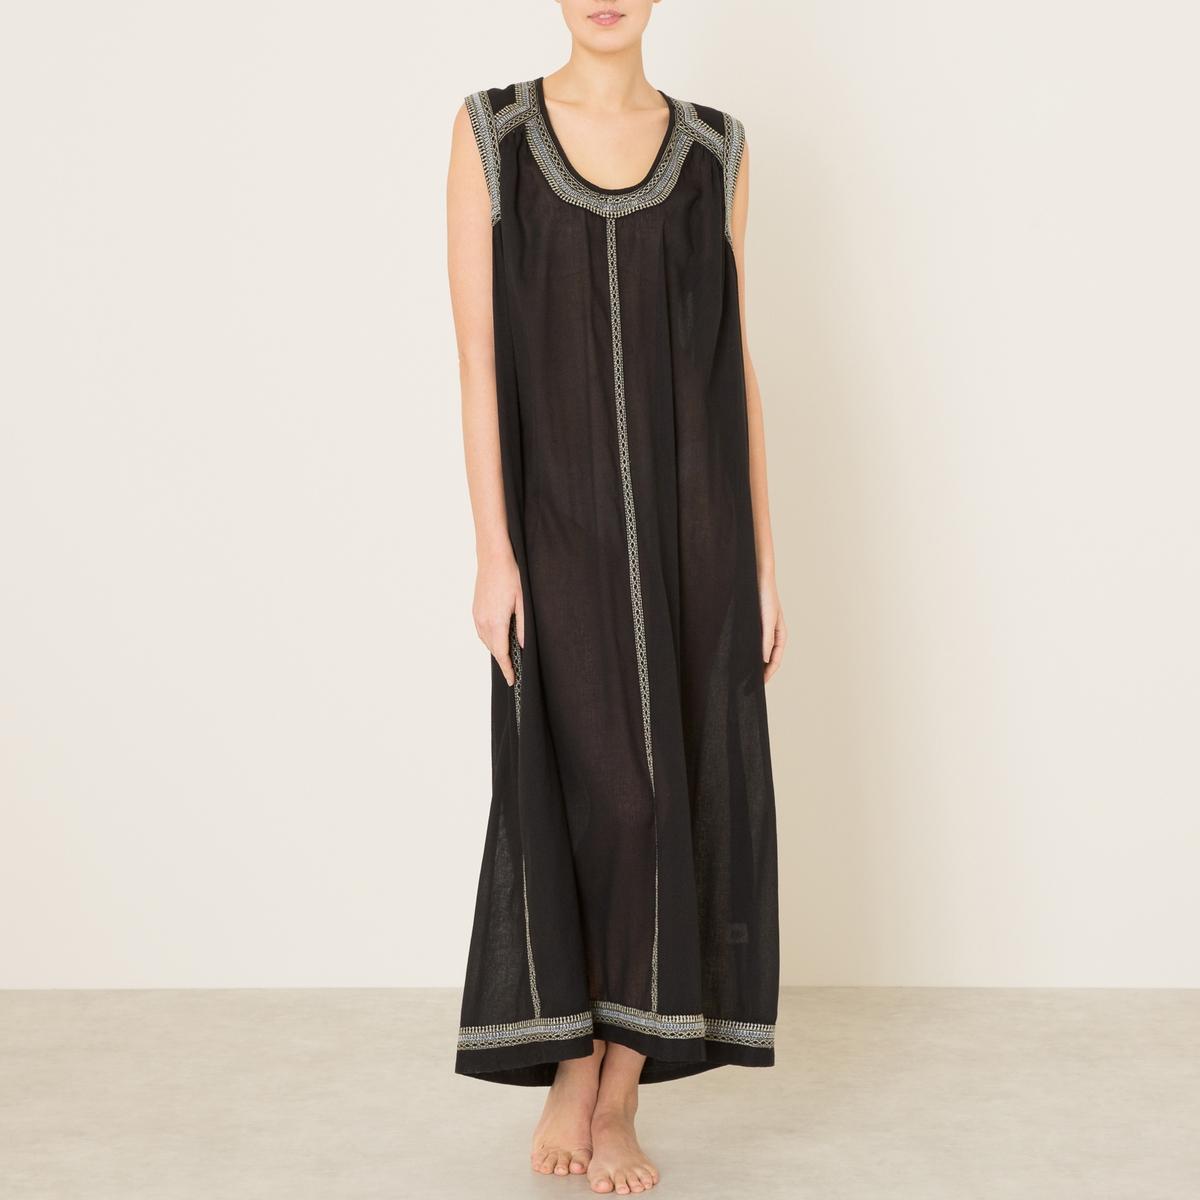 Платье CONKAПлатье длинное ANTIK BATIK - модель CONKA с контрастной вышивкой. Расклешенный покрой. V-образный вырез. без рукавов. Края выреза, проймы, низа и отрезных деталей отделаны расшивной тесьмой. Закругленная, слегка удлиненная спинка.Состав и описание    Материал : 100% вискоза   Марка : ANTIK BATIK<br><br>Цвет: черный<br>Размер: 40 (FR) - 46 (RUS)